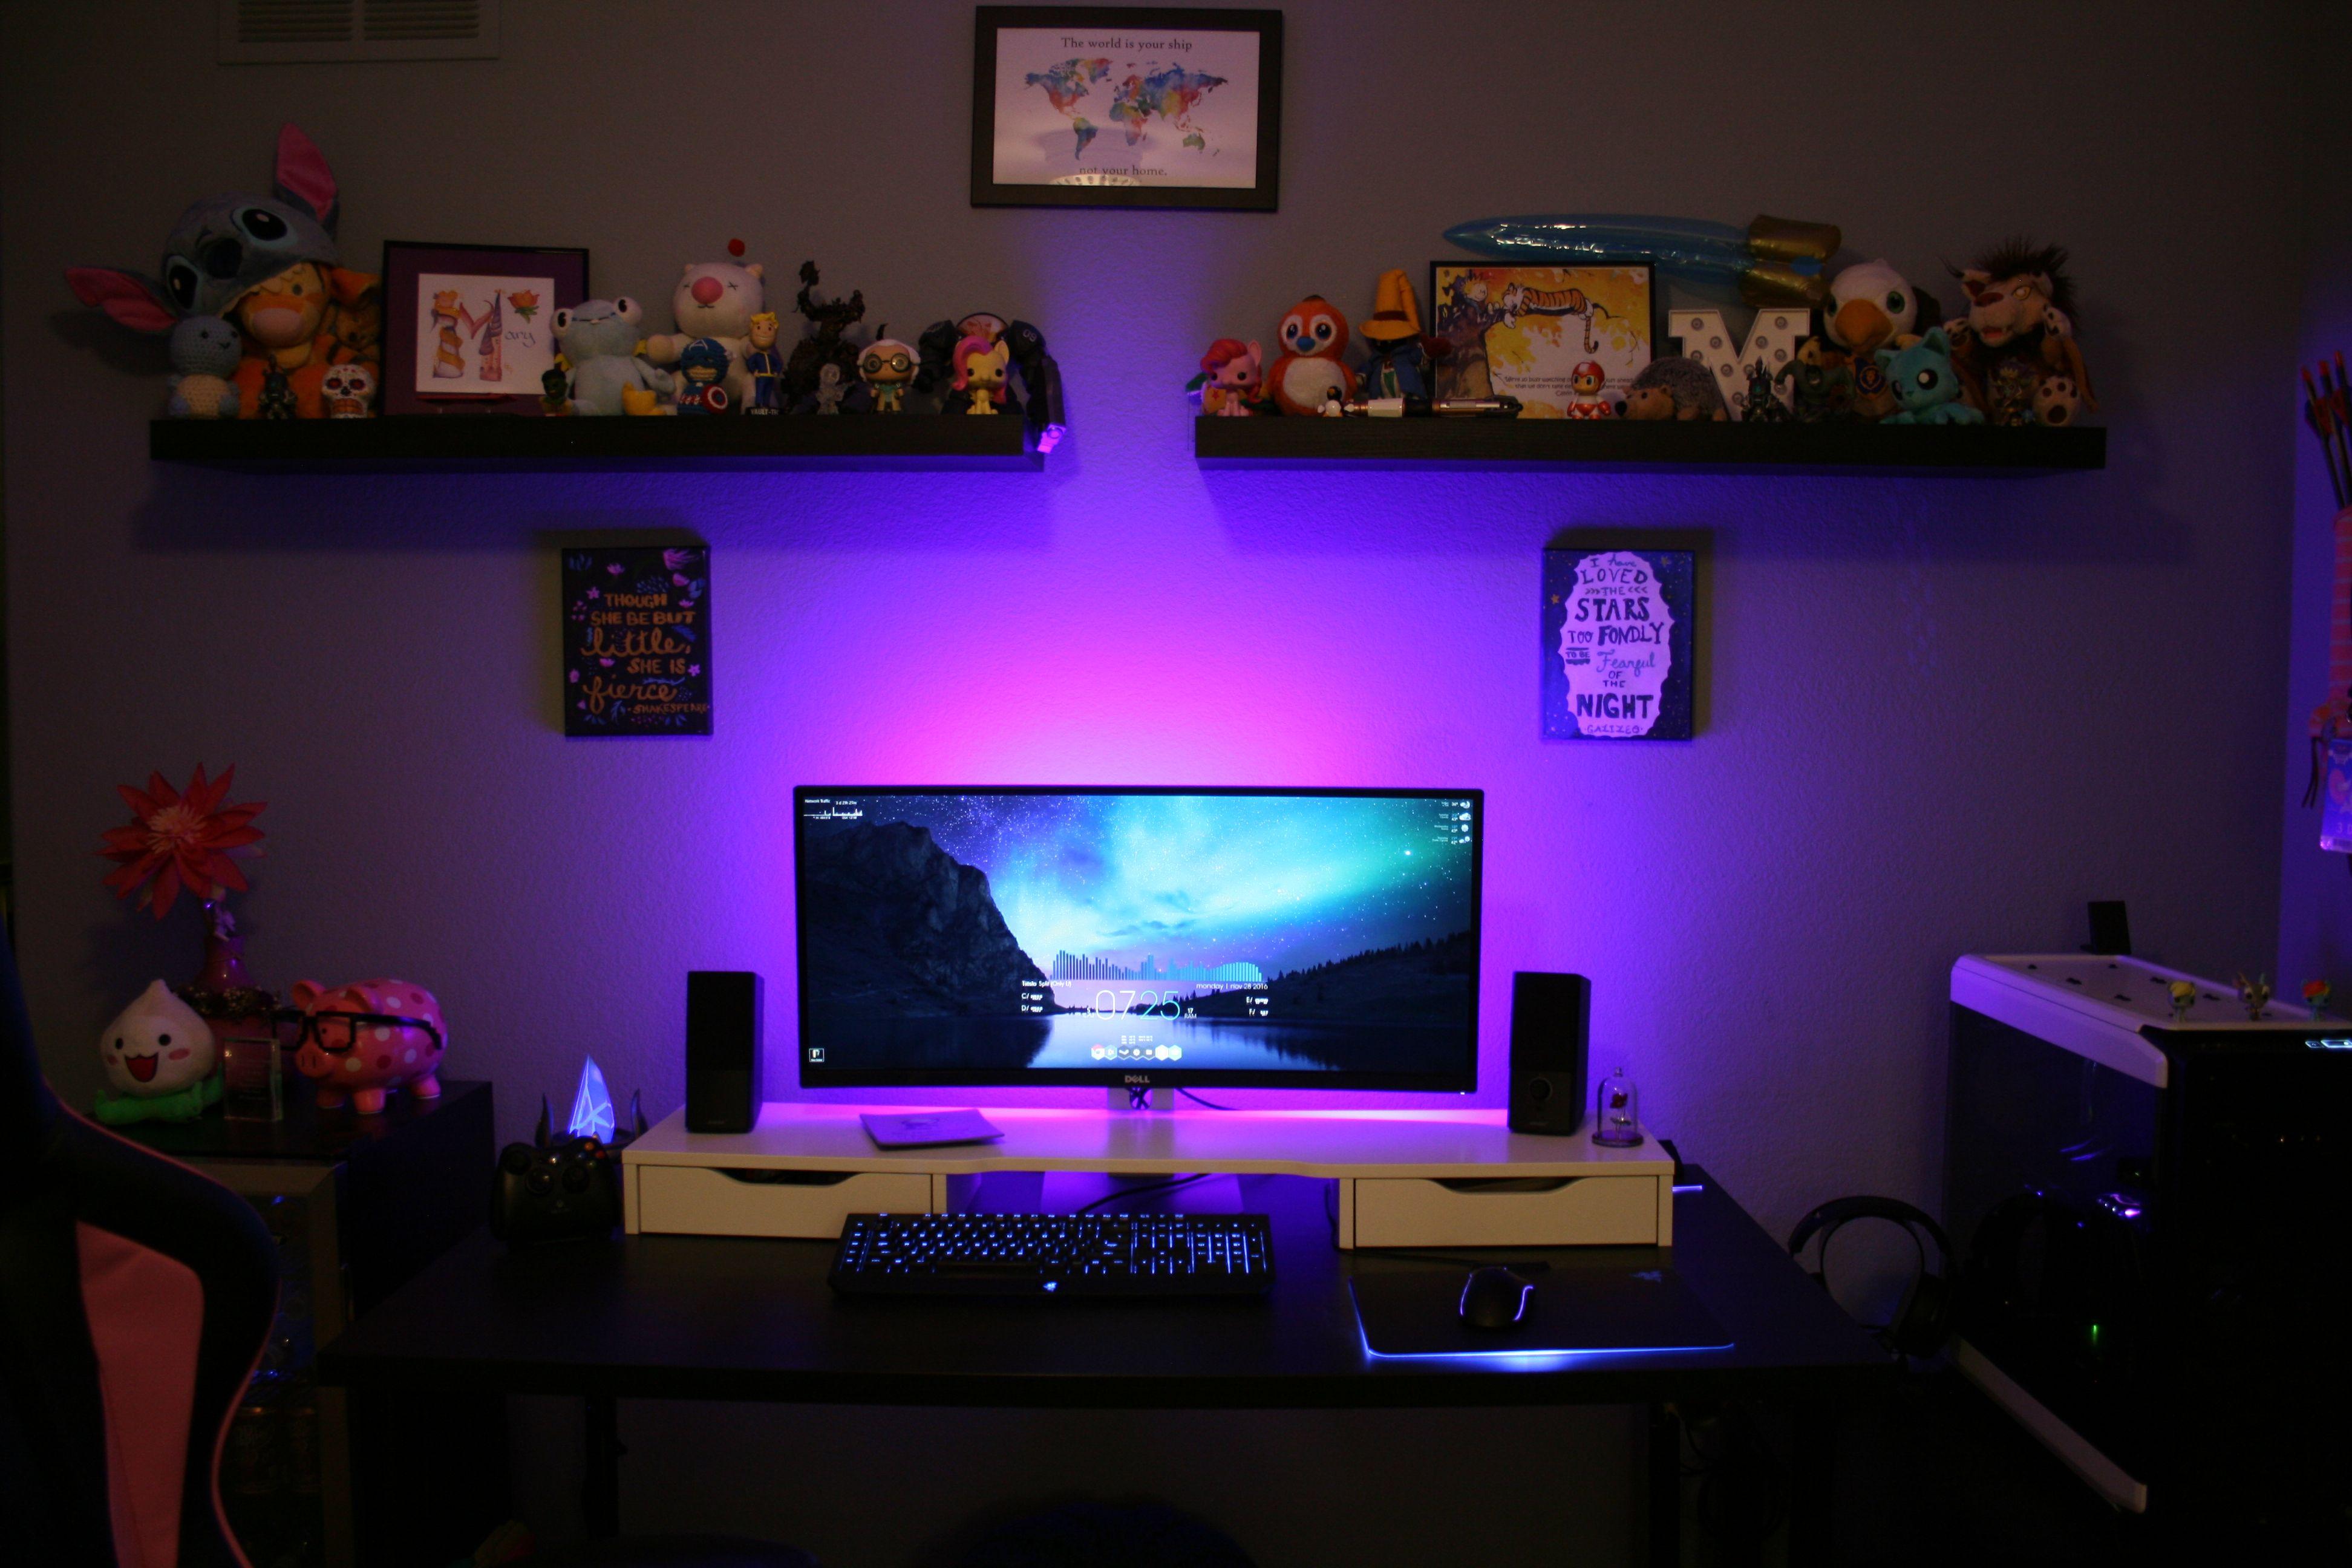 My super girly gaming battlestation: The Blingtron 9001 | gaming setup | Escritorios, Escritorio ...